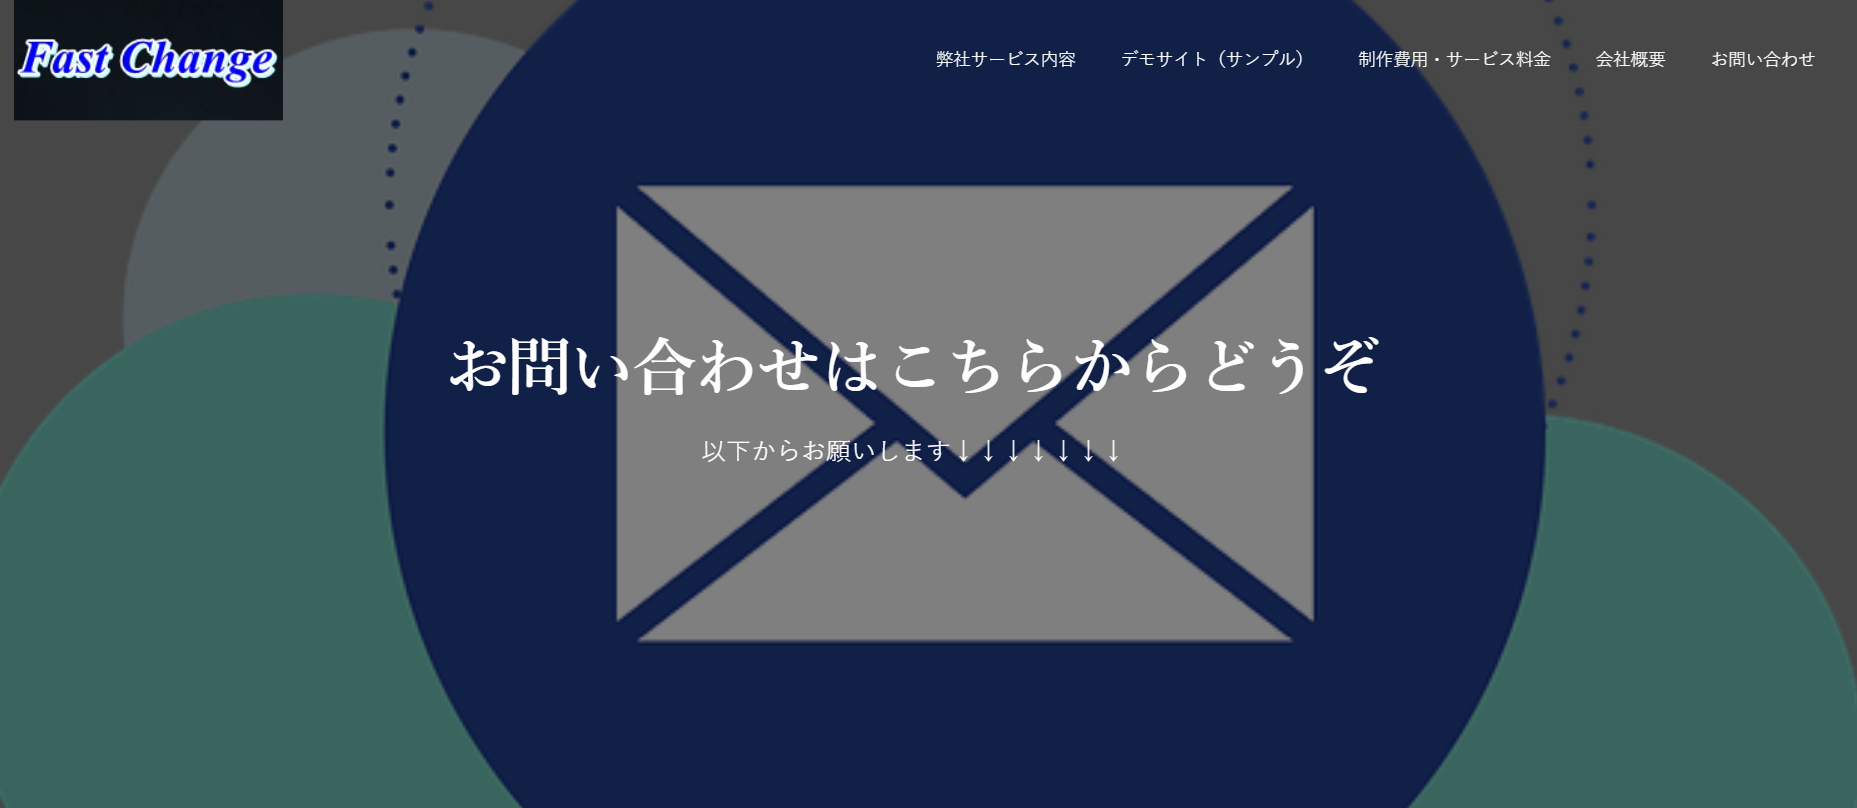 まとめ:合同会社ファストチェンジの松井颯人さんの評判まとめ